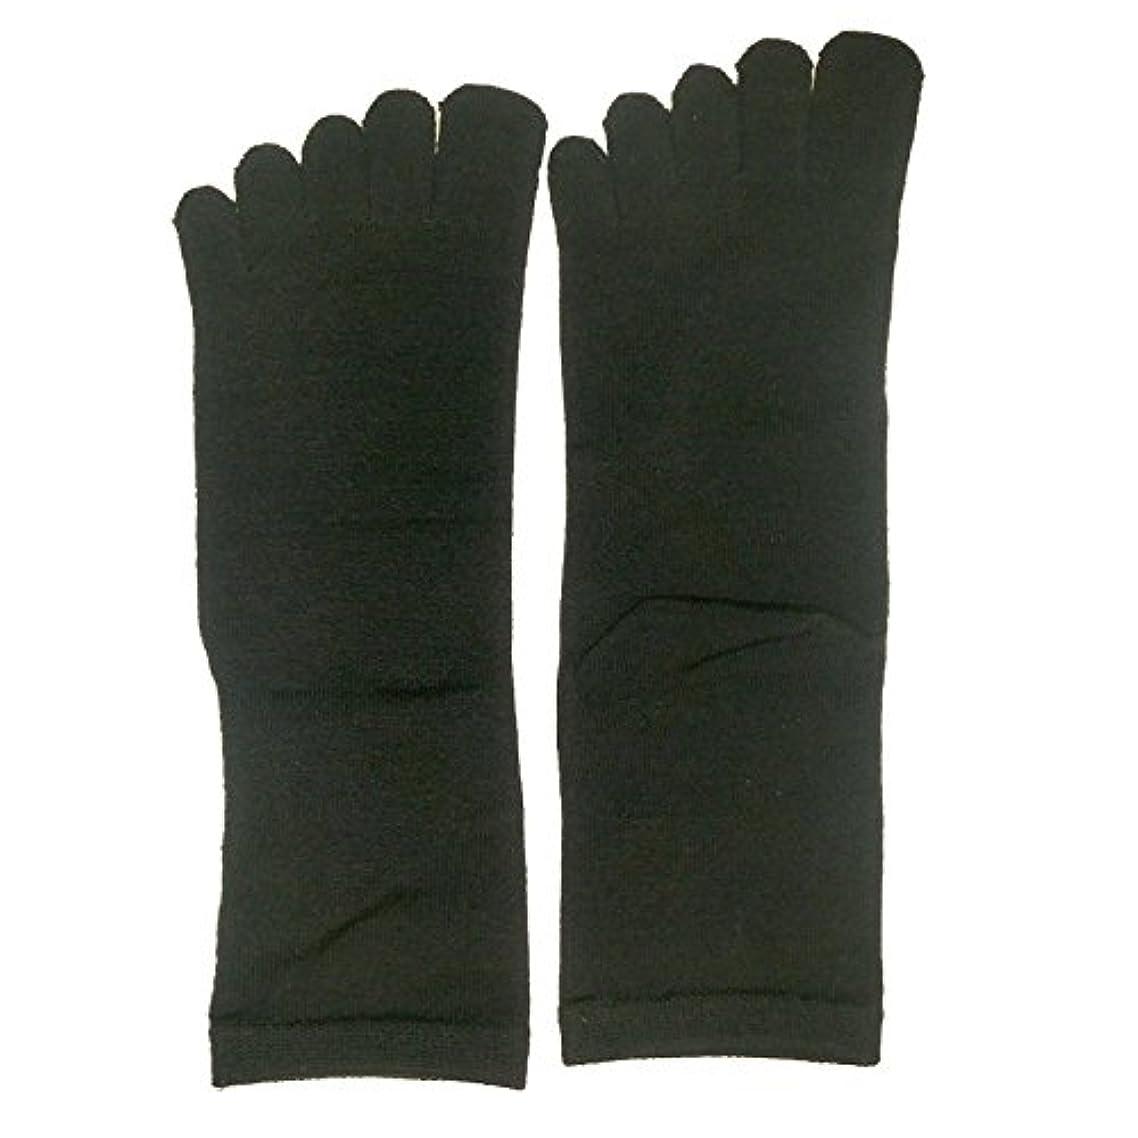 反乱同意する旅【3足セット】シルク 五本指 ソックス レギュラー丈 25-27cm 日本製 (ブラック)絹 靴下